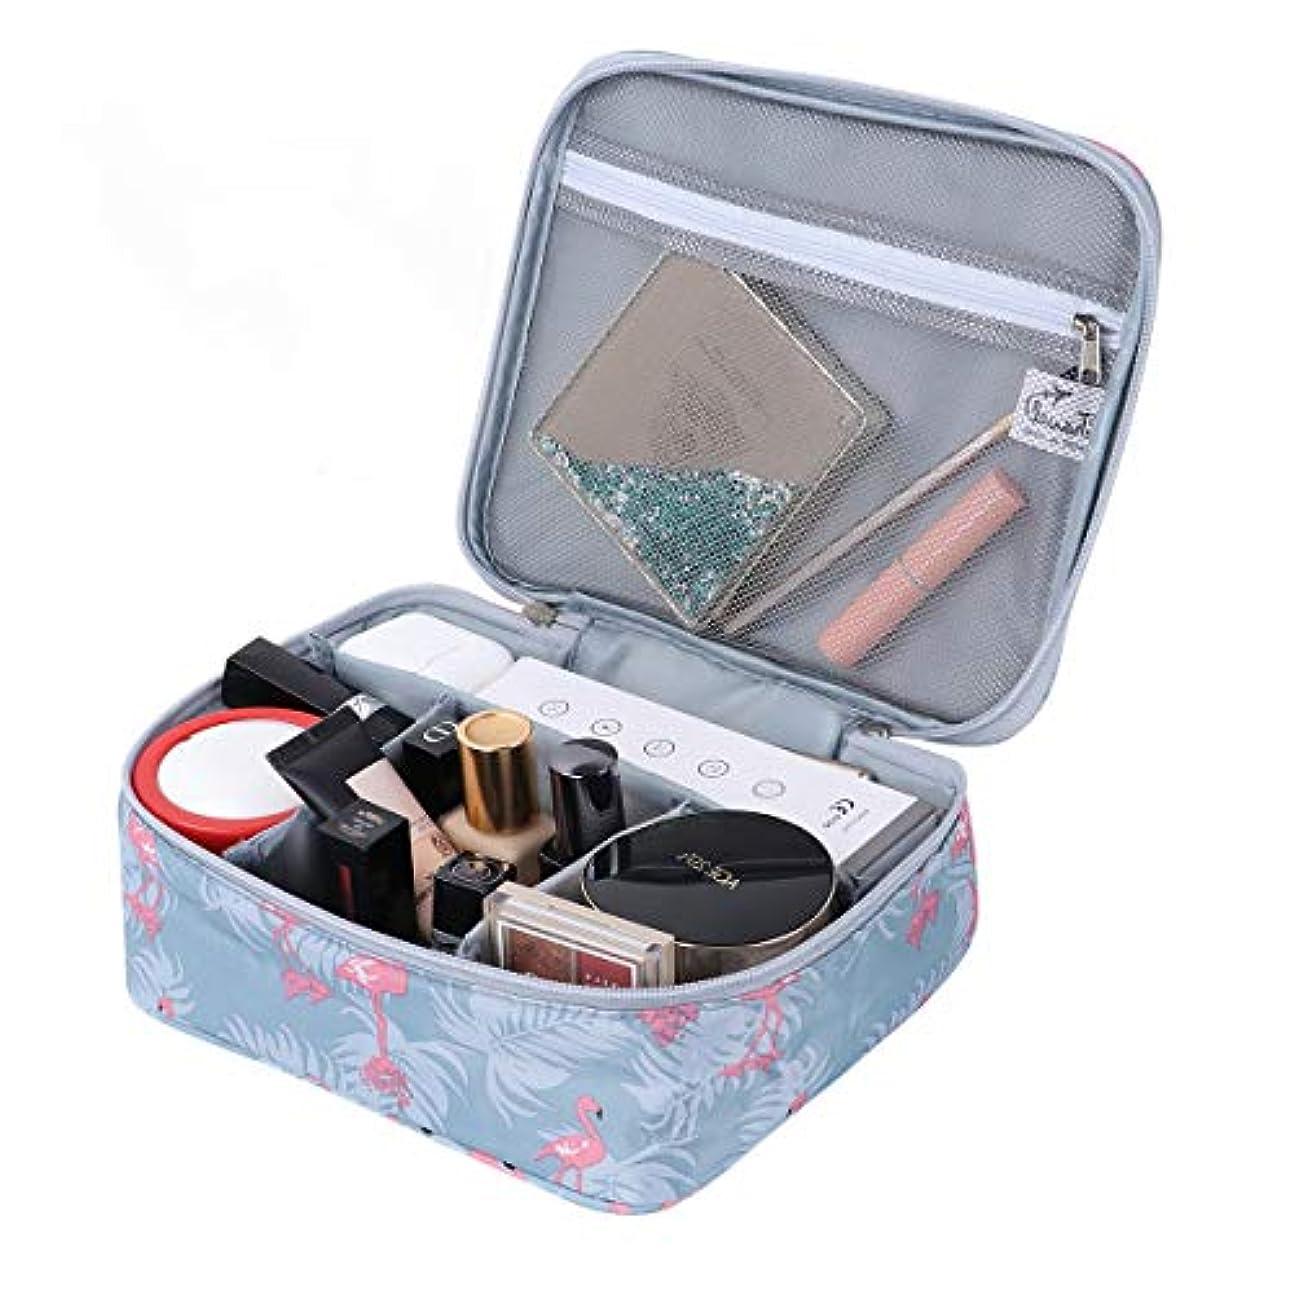 急降下上に築きます単なるメイクポーチ 化粧ケース高品質化粧ポーチ 旅行防水 機能的 収納ケース メイクブラシバッグ 化粧ポーチ 化粧バッグ(Flamingo Grey)